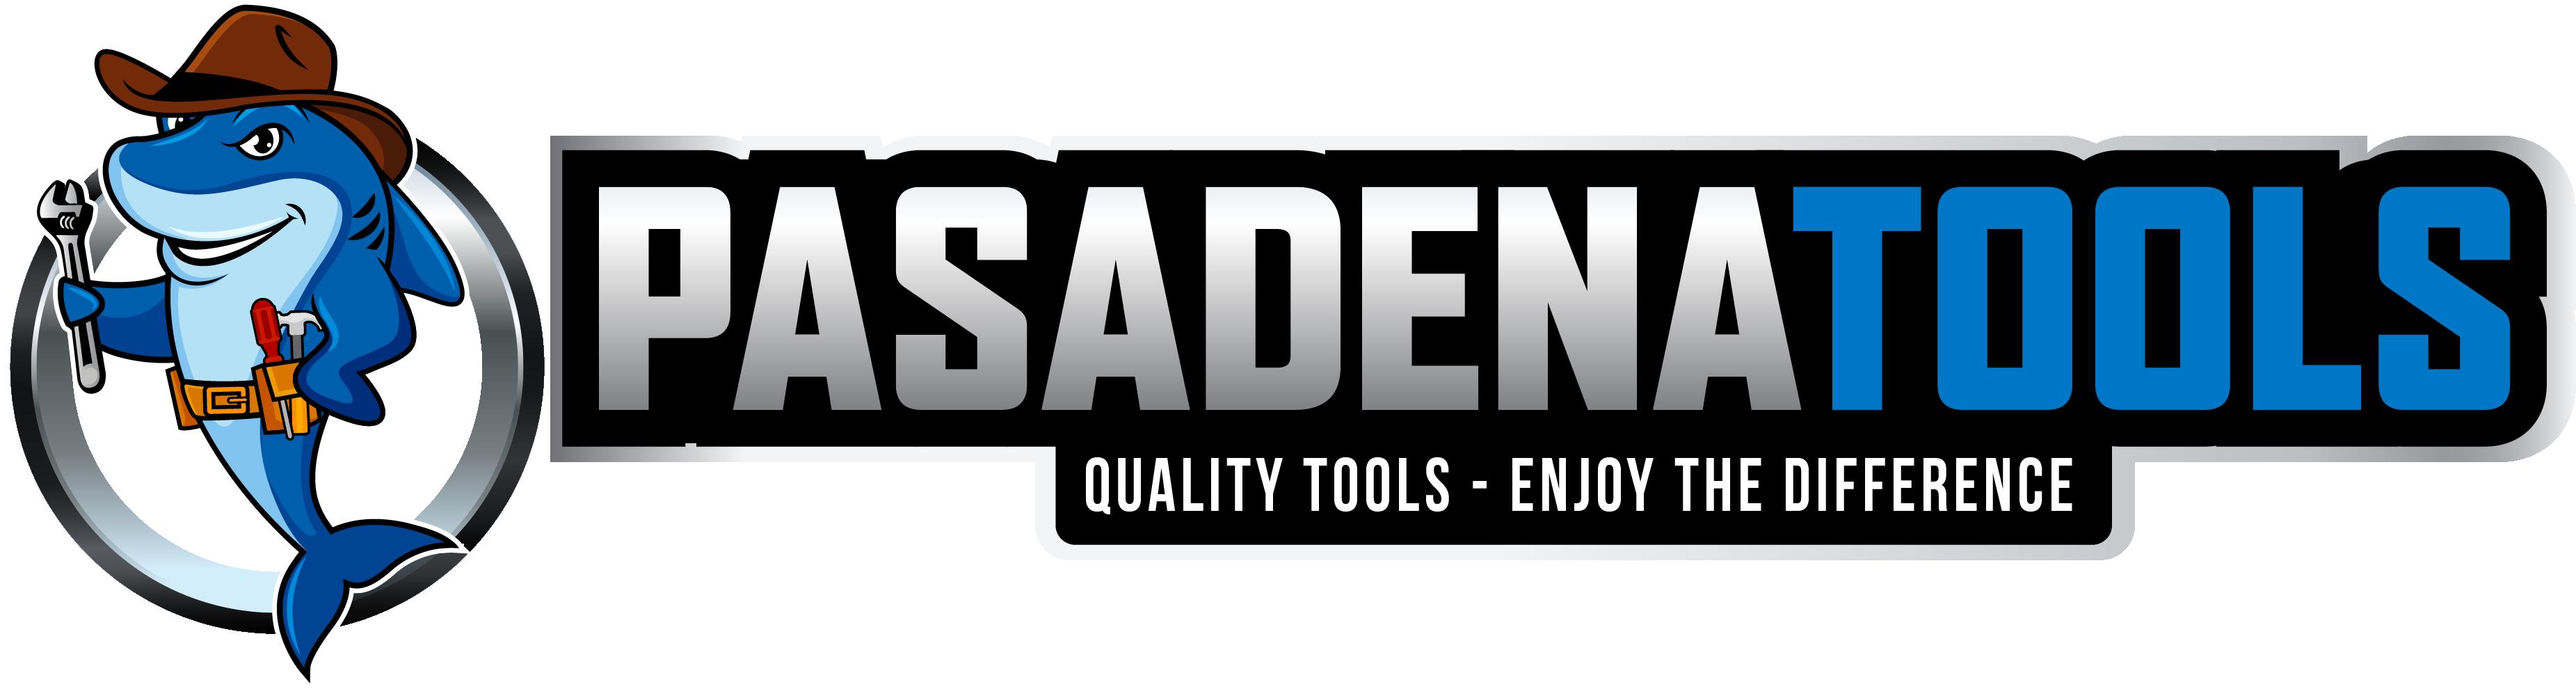 Pasadena Tools